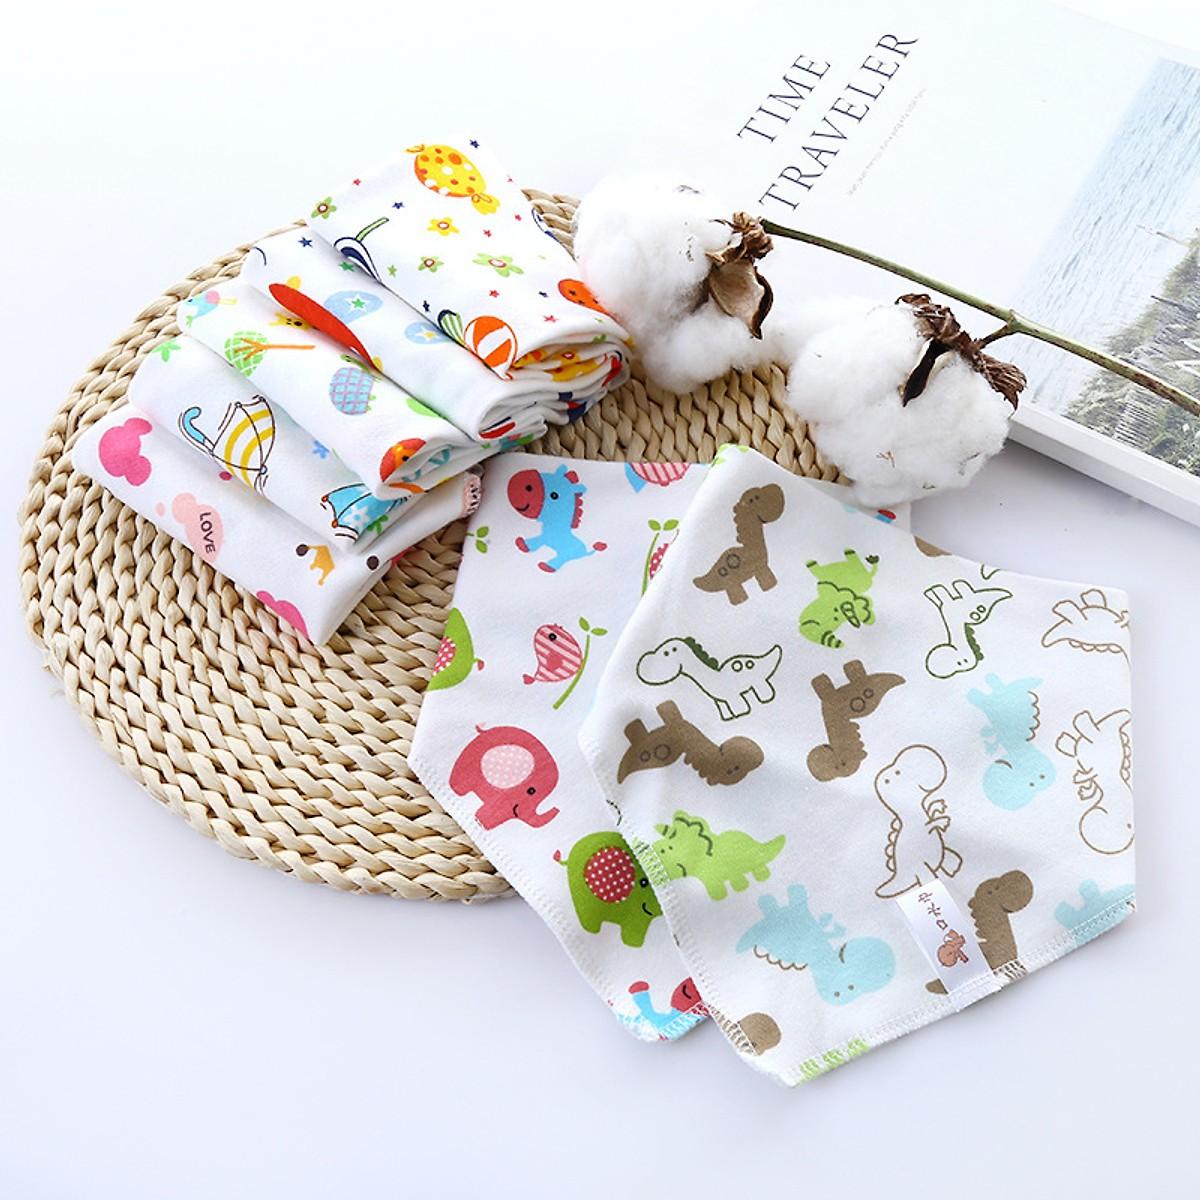 Khăn Tam Giác, Khăn Quàng Cổ, Khăn Yếm Cotton Cao Cấp -Tặng Khẩu Trang (Set 5 khăn)